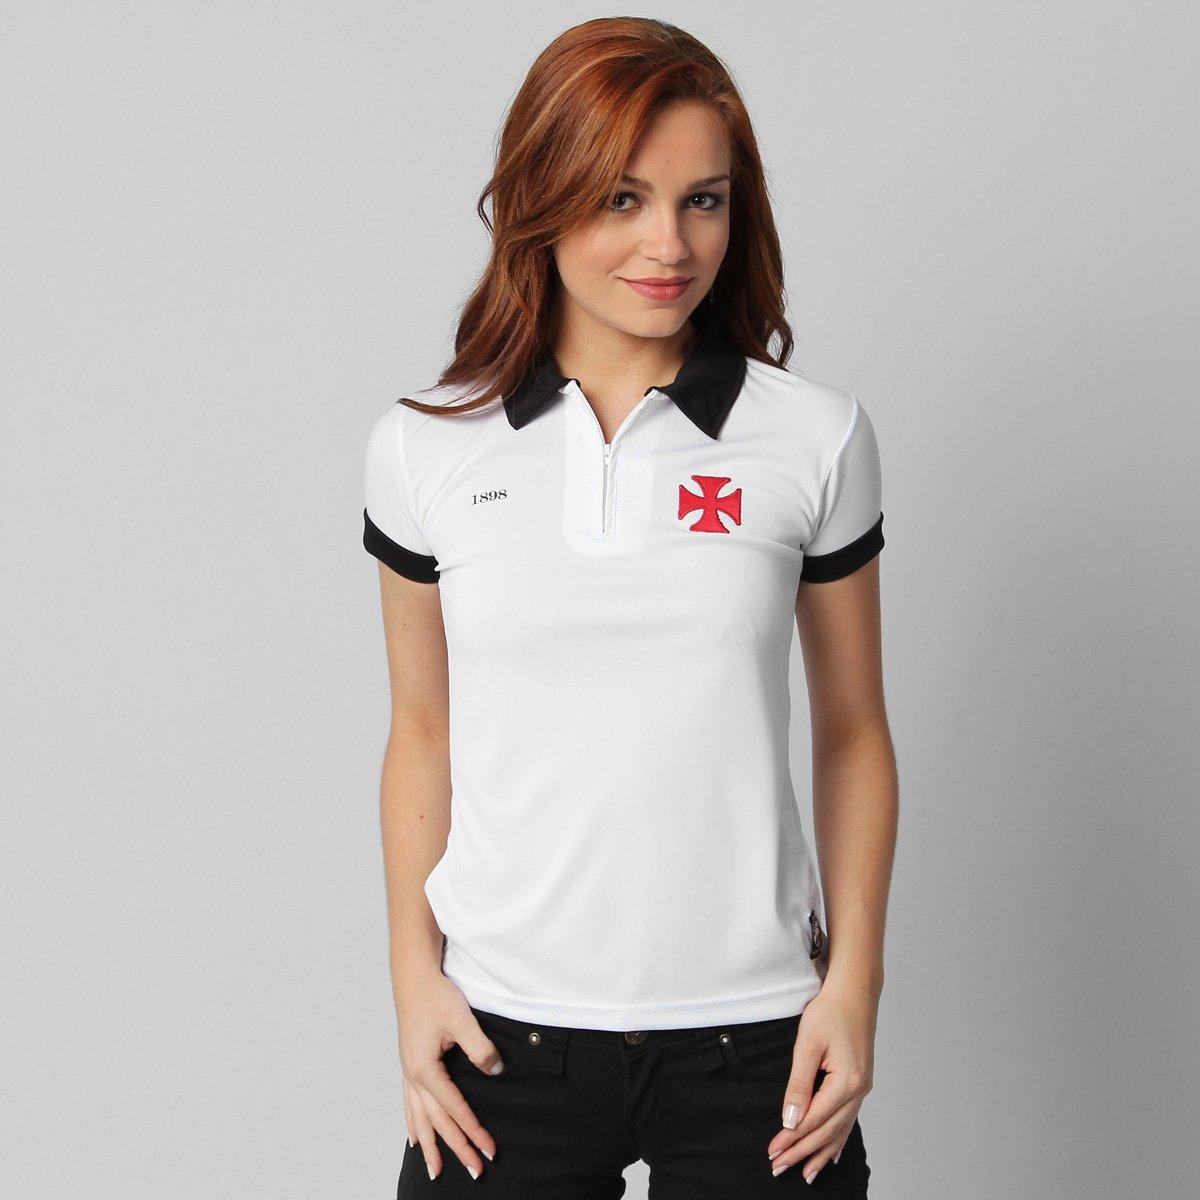 a987fa64b8246 Camisa Polo Vasco da Gama Clube do Coração - Compre Agora